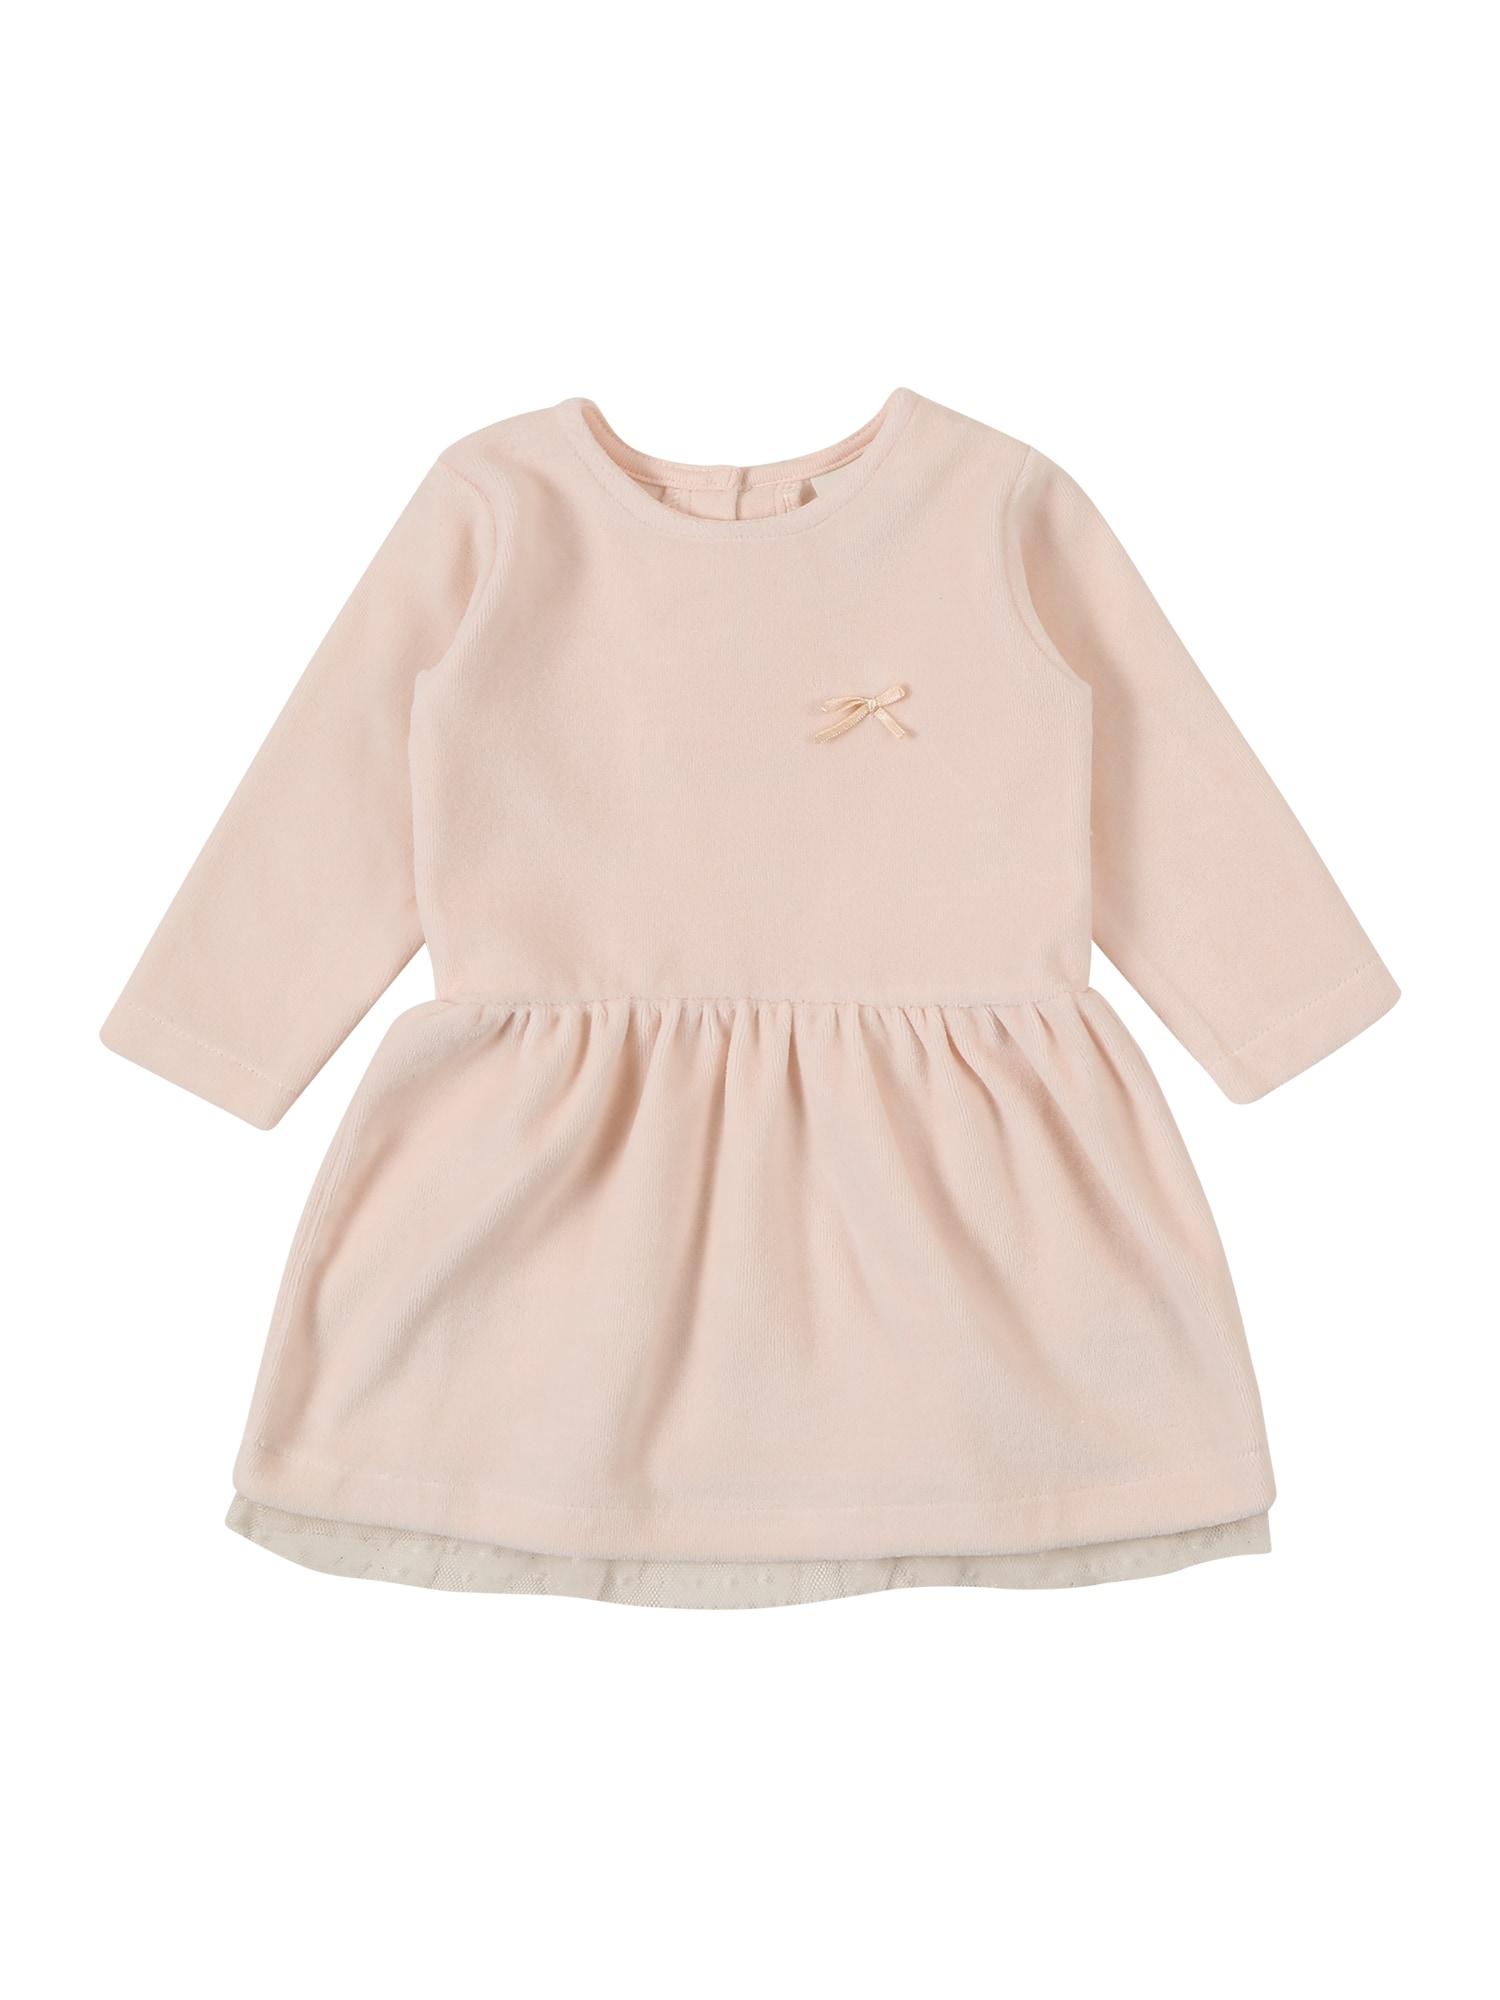 JACKY Suknelė 'FLUFFY & LOVELY' pastelinė rožinė